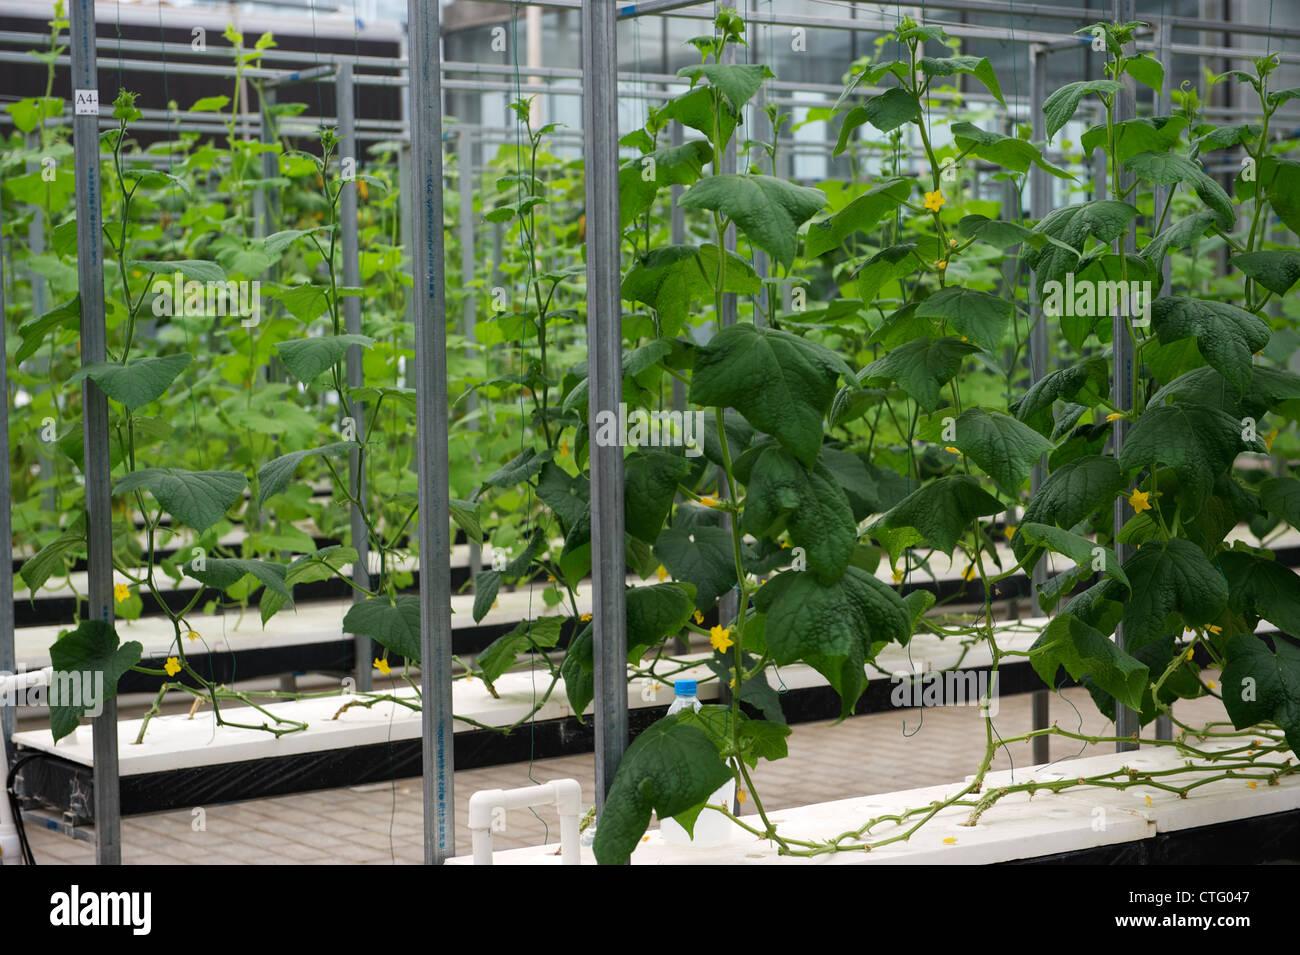 Cetrioli coltivati con il fluido nutriente in Cina. Immagini Stock